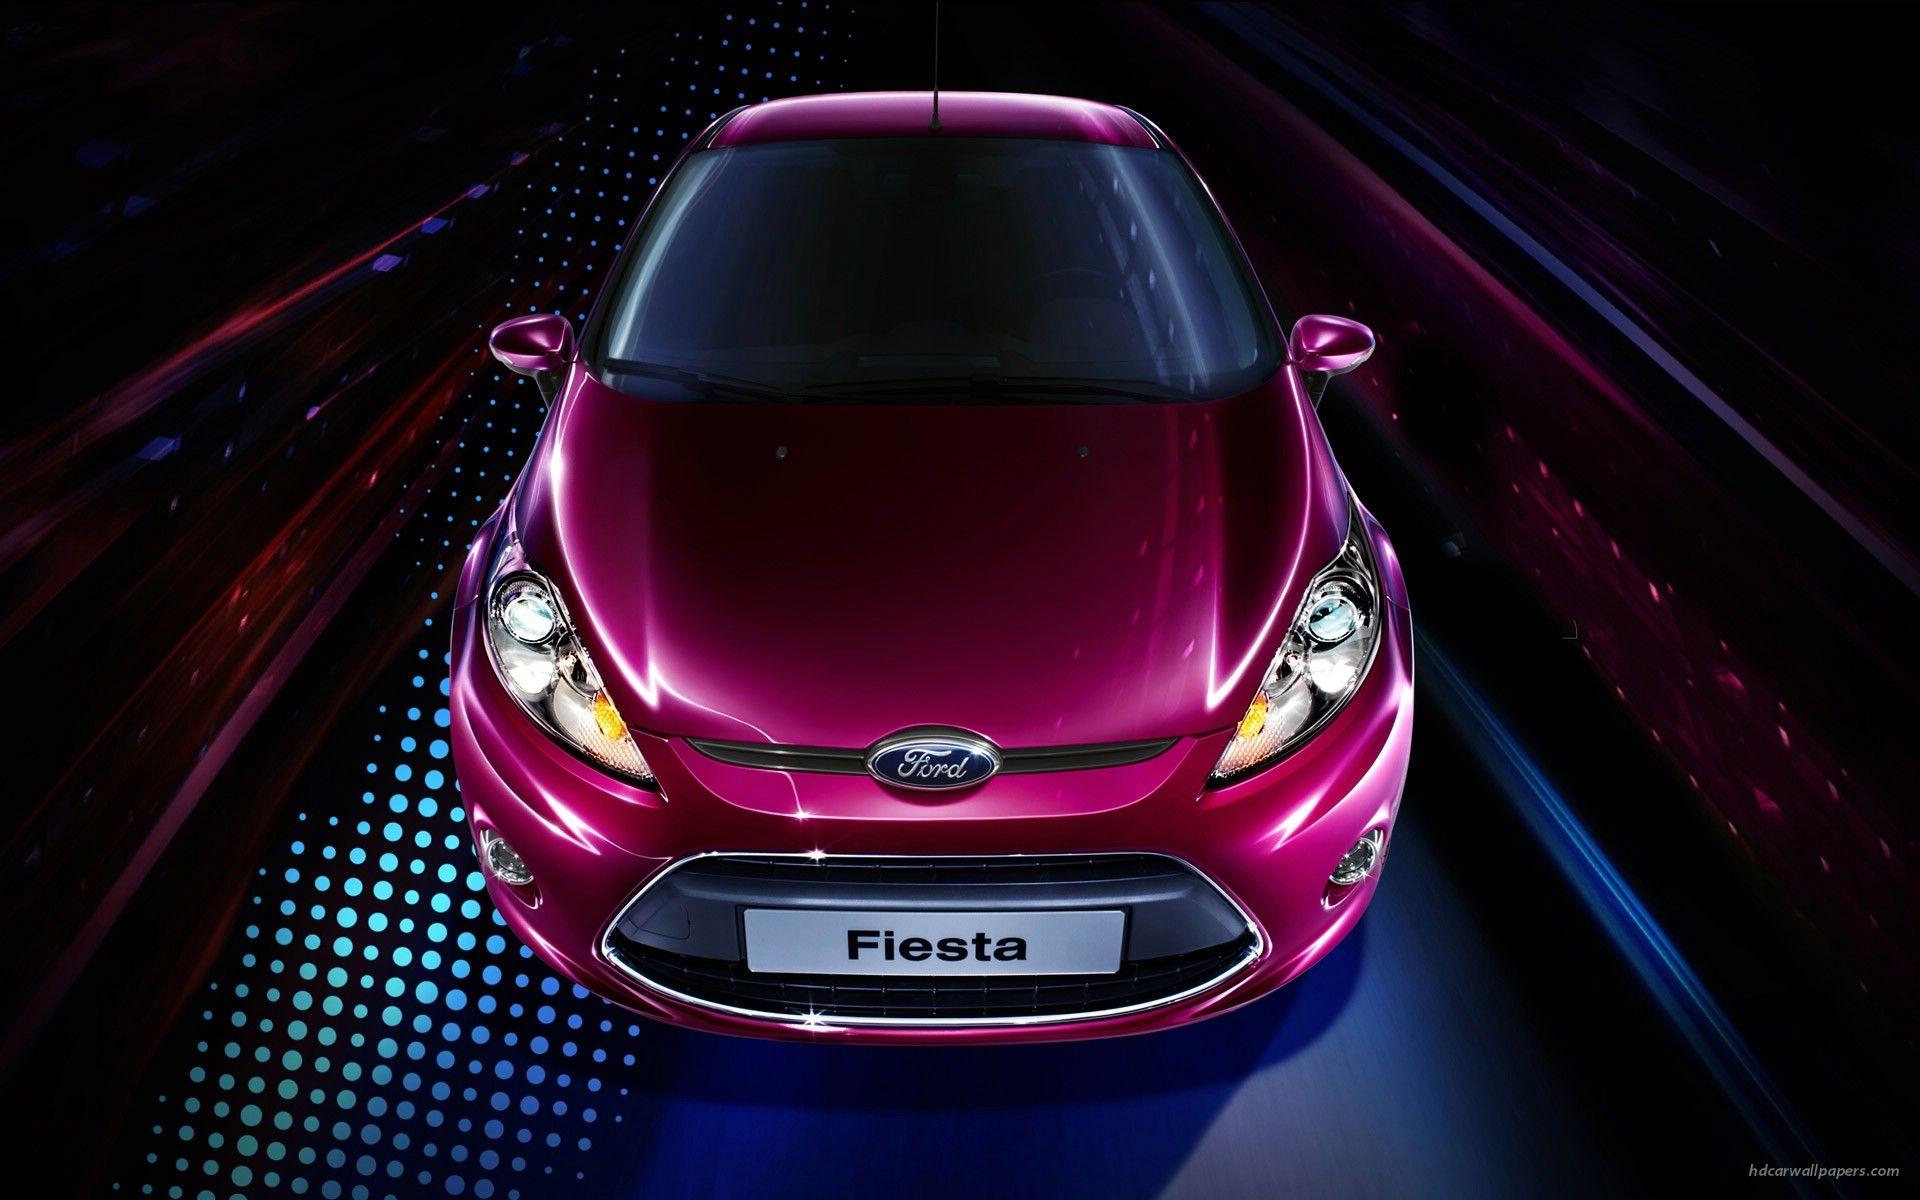 Achat De Piece Fiesta Vi Pièces Et Accessoires Ford Fiesta Ford Fiesta Ford Car Colors